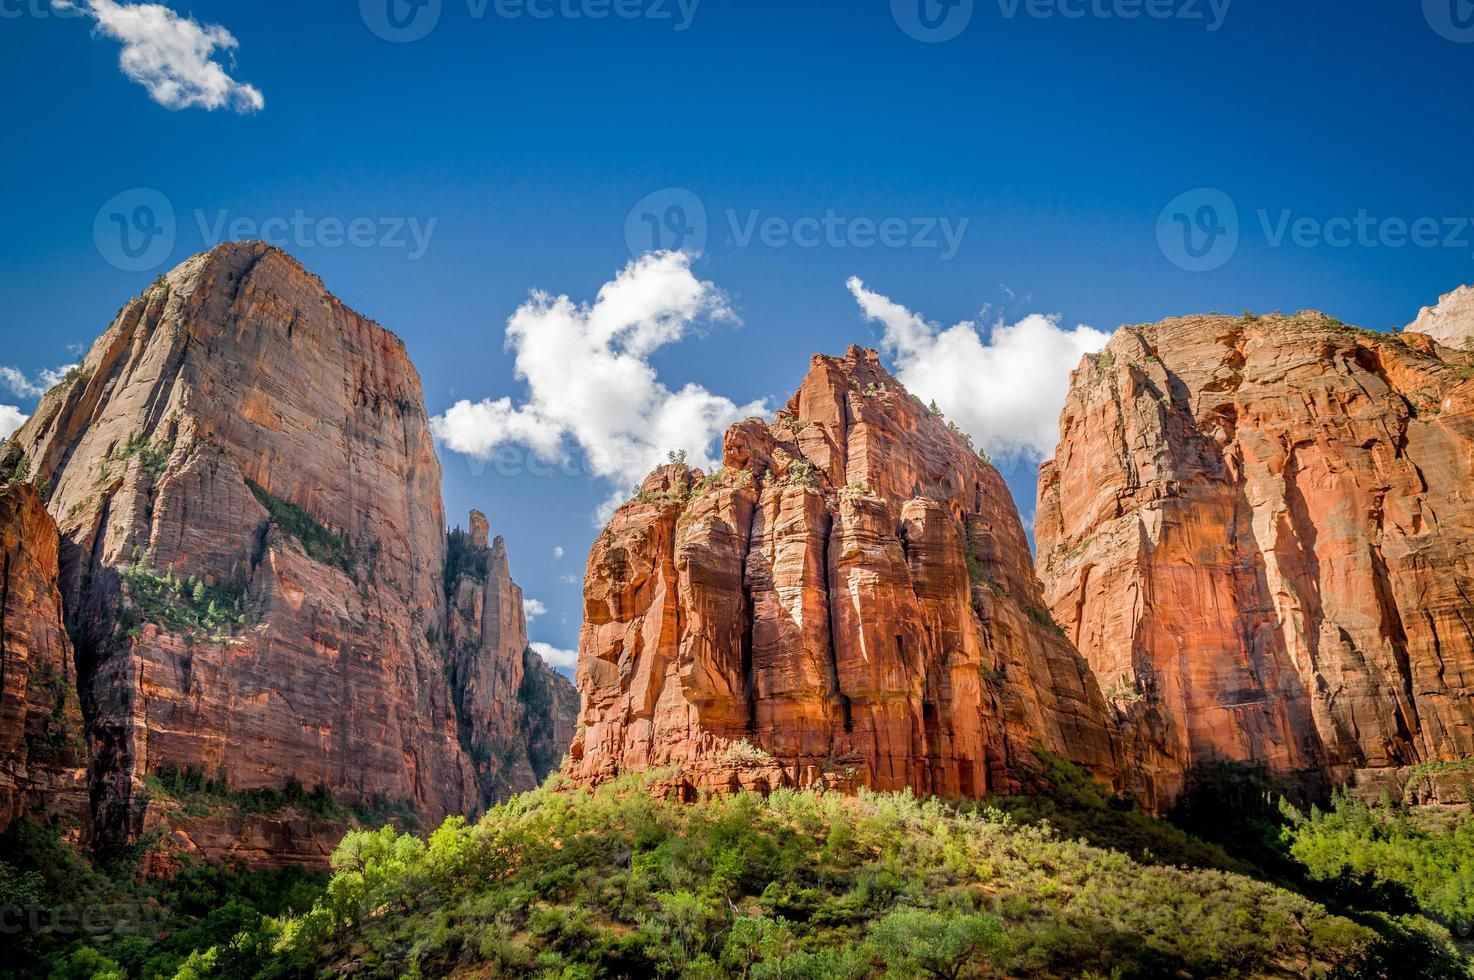 zion national park landscape photo